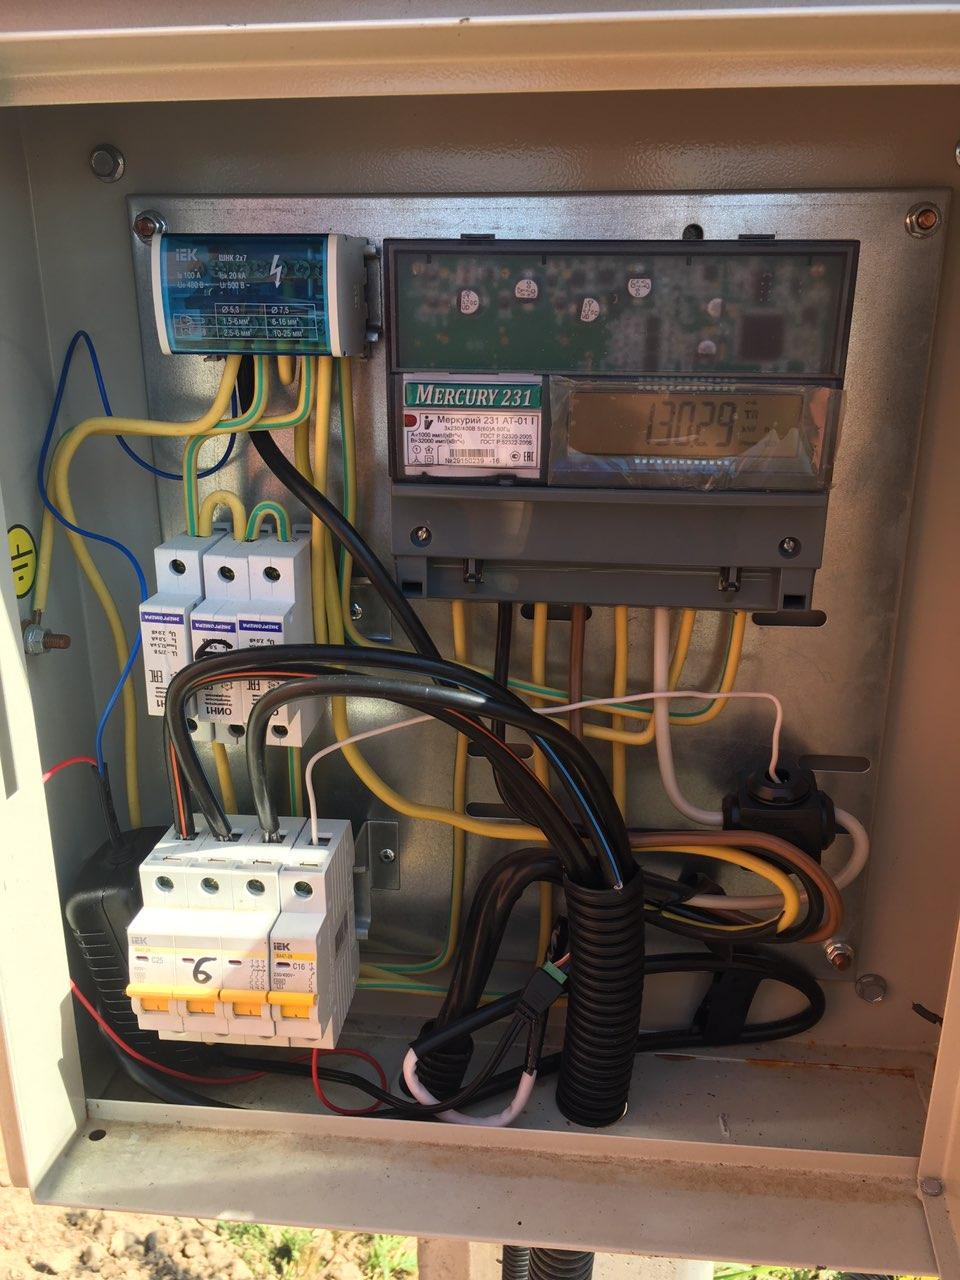 меркурий если подключении 231 при провода перепутаны